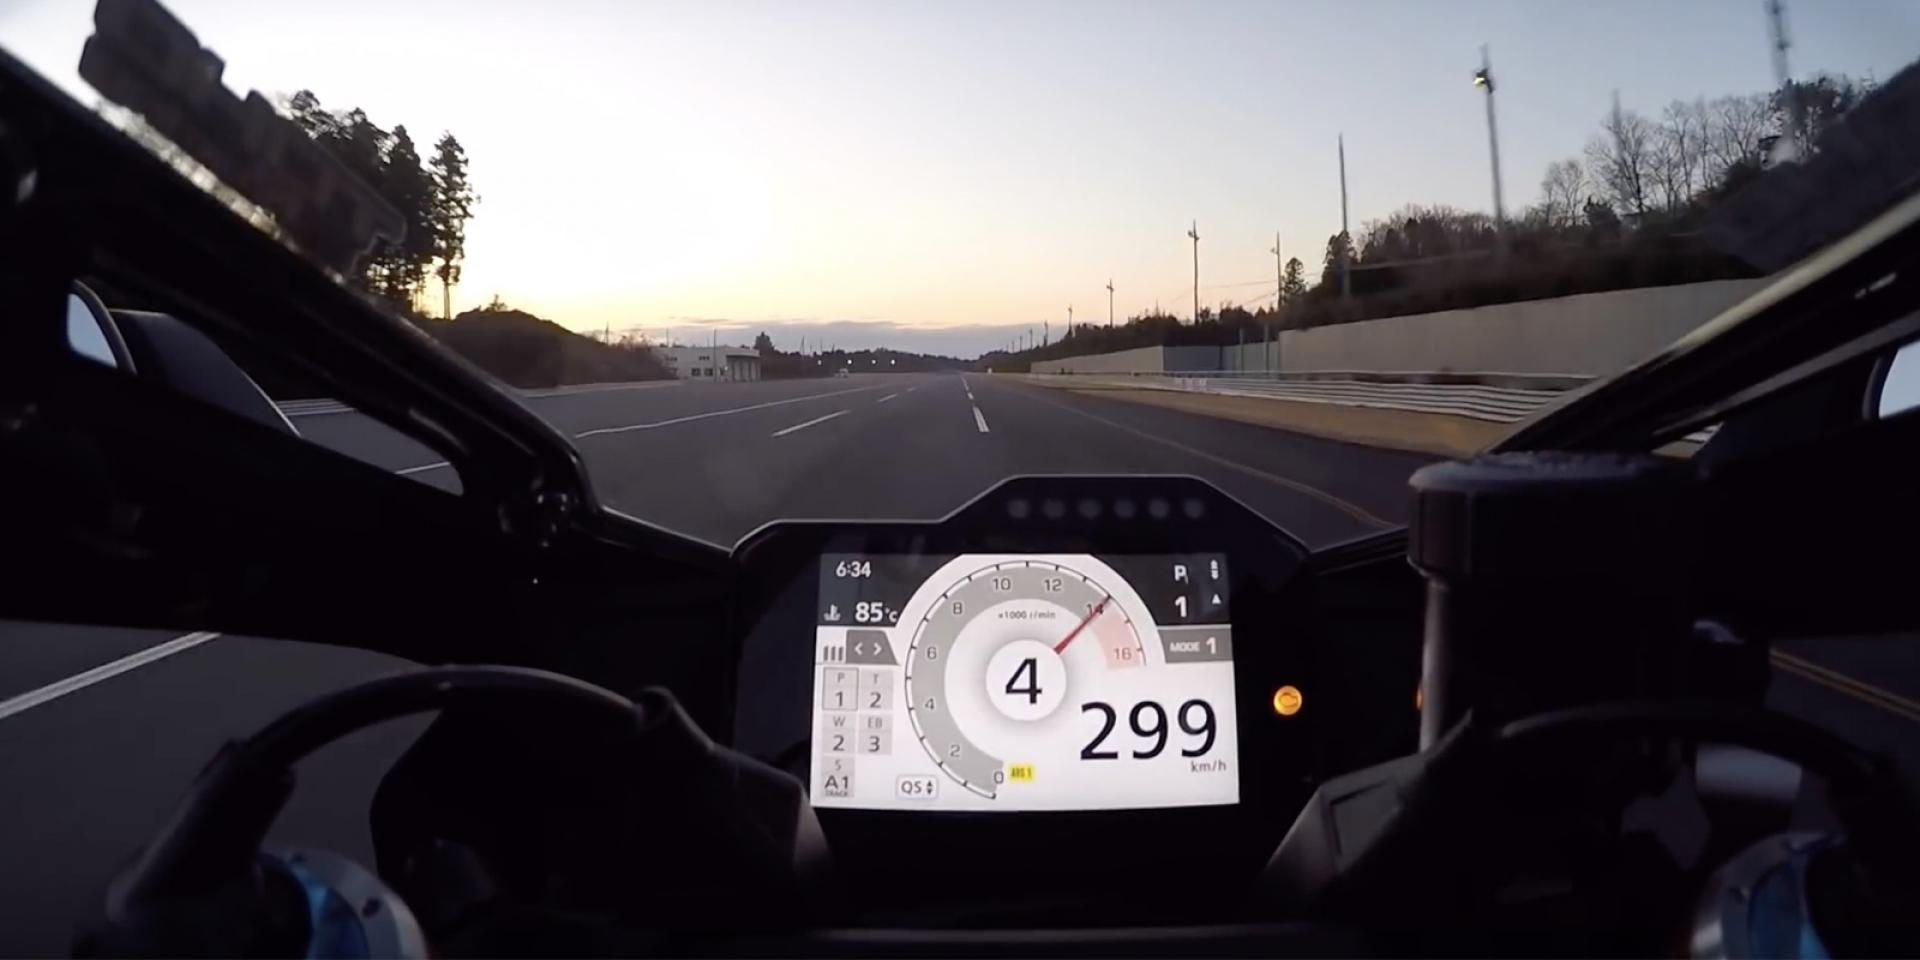 四檔時速299爆表!HONDA CBR1000RR-R賽道測試影片曝光